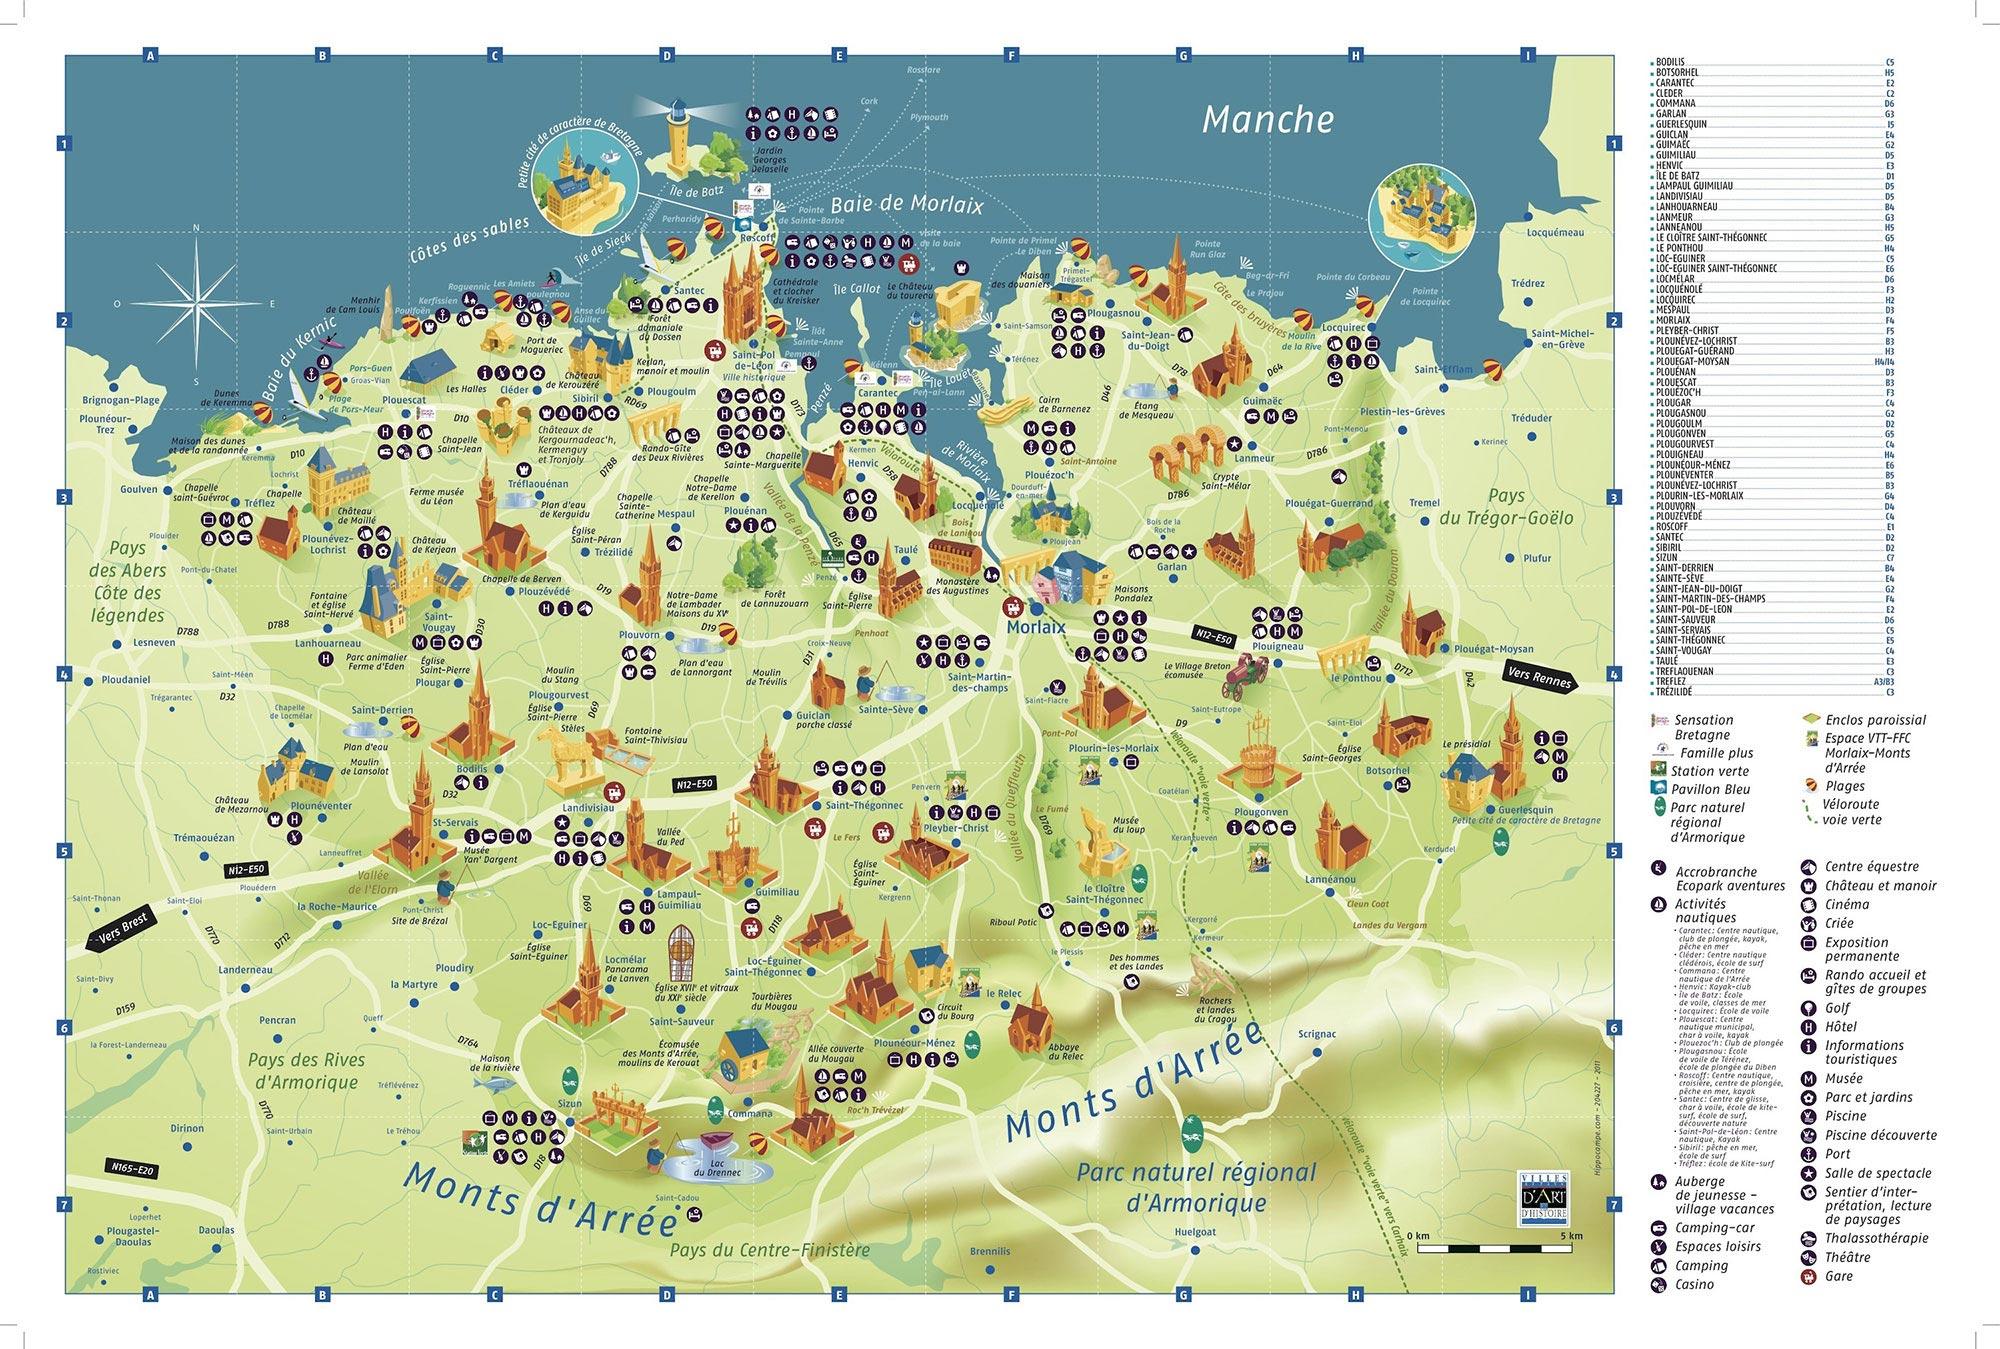 Carte Bretagne Lieux Touristiques.Carte De Bretagne Nord Vacances Arts Guides Voyages